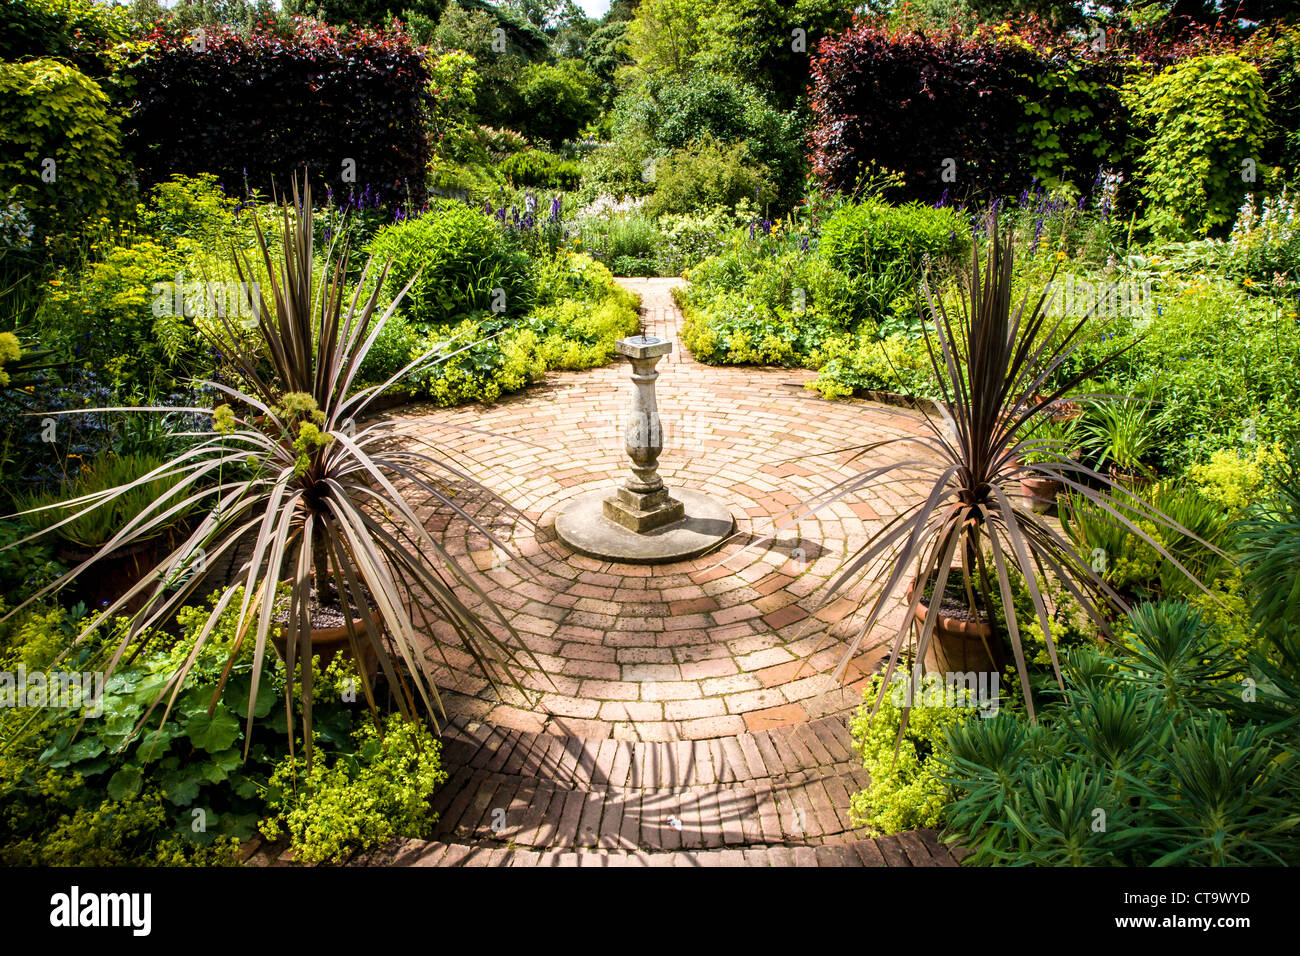 Jardin méditerranéen avec terrasse en brique circulaire et ...